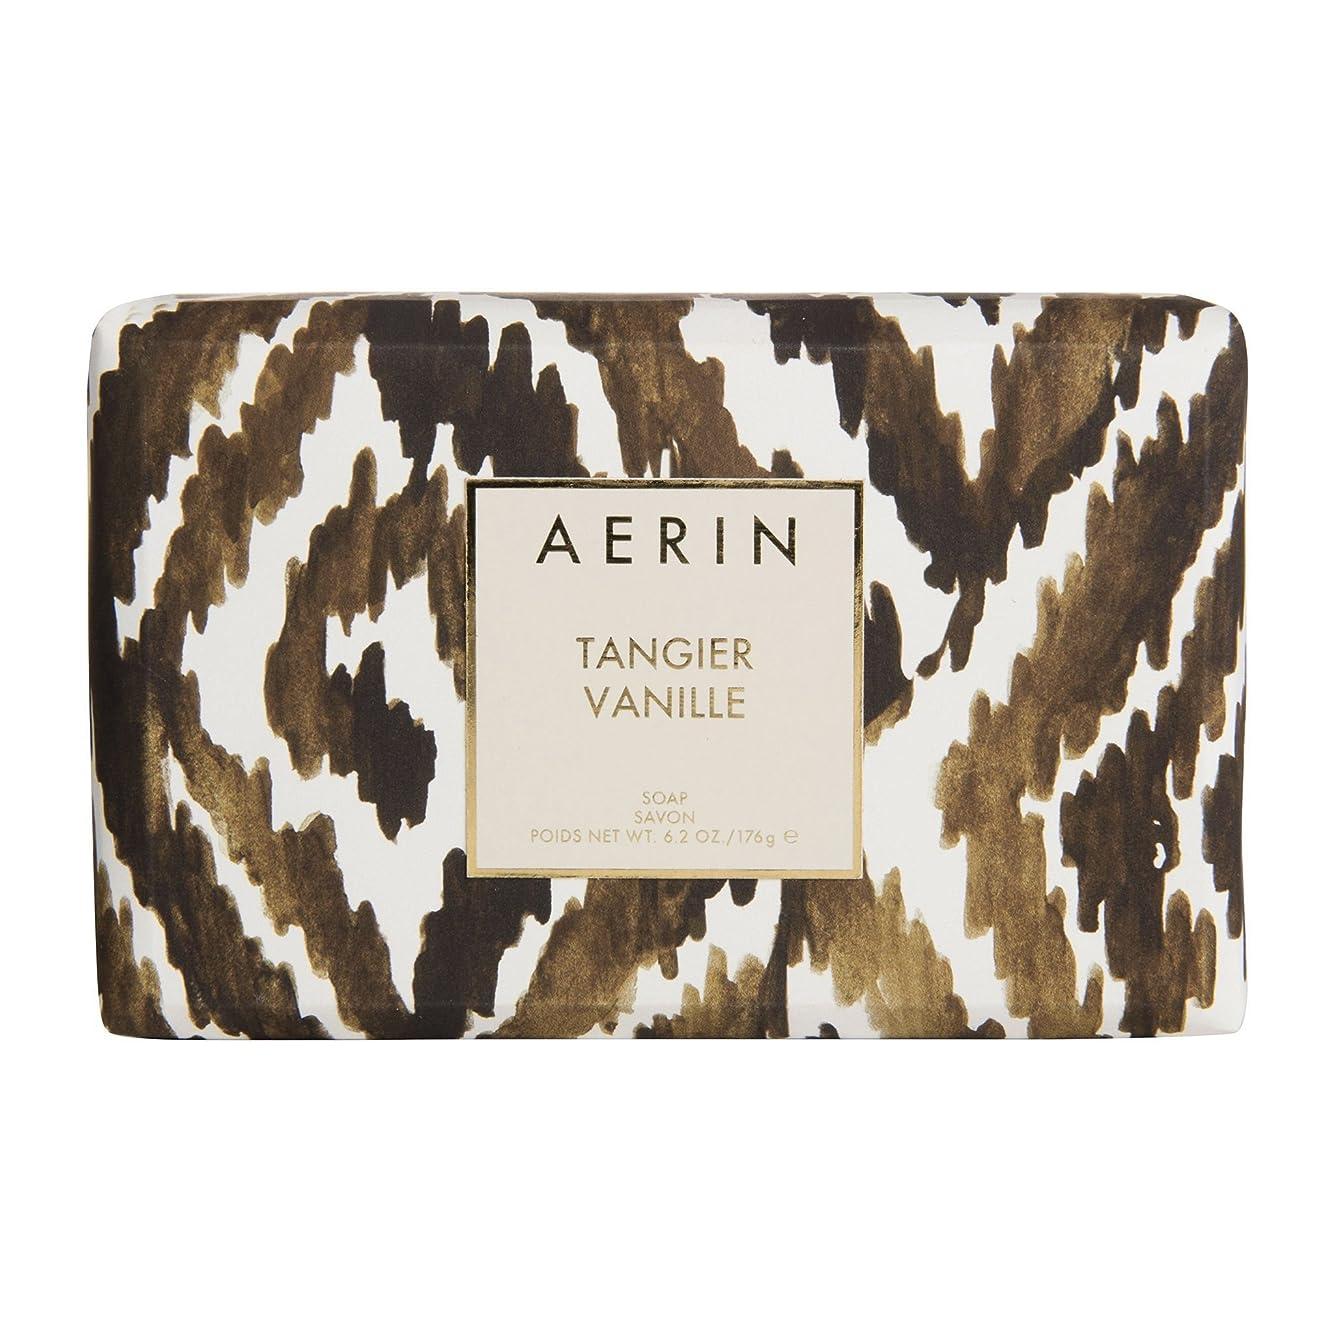 汚染する虚偽朝ごはんAERIN Tangier Vanille (アエリン タンジヤー バニール) 6.2 oz (186ml) Soap 固形石鹸 by Estee Lauder for Women